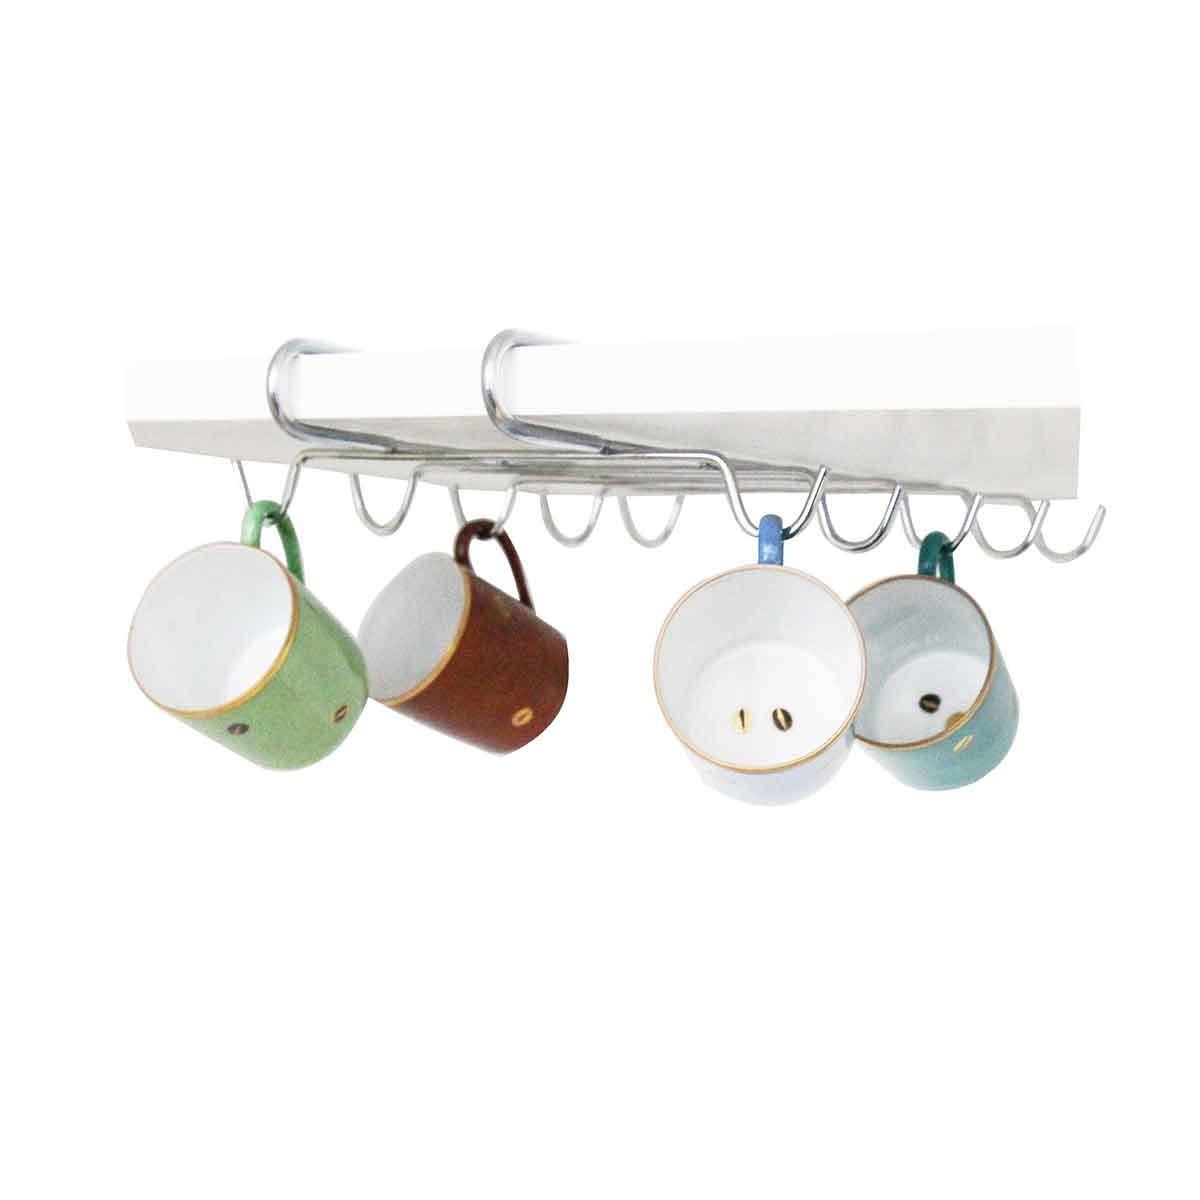 porte-tasses - rack pour 10 tasses- rangement